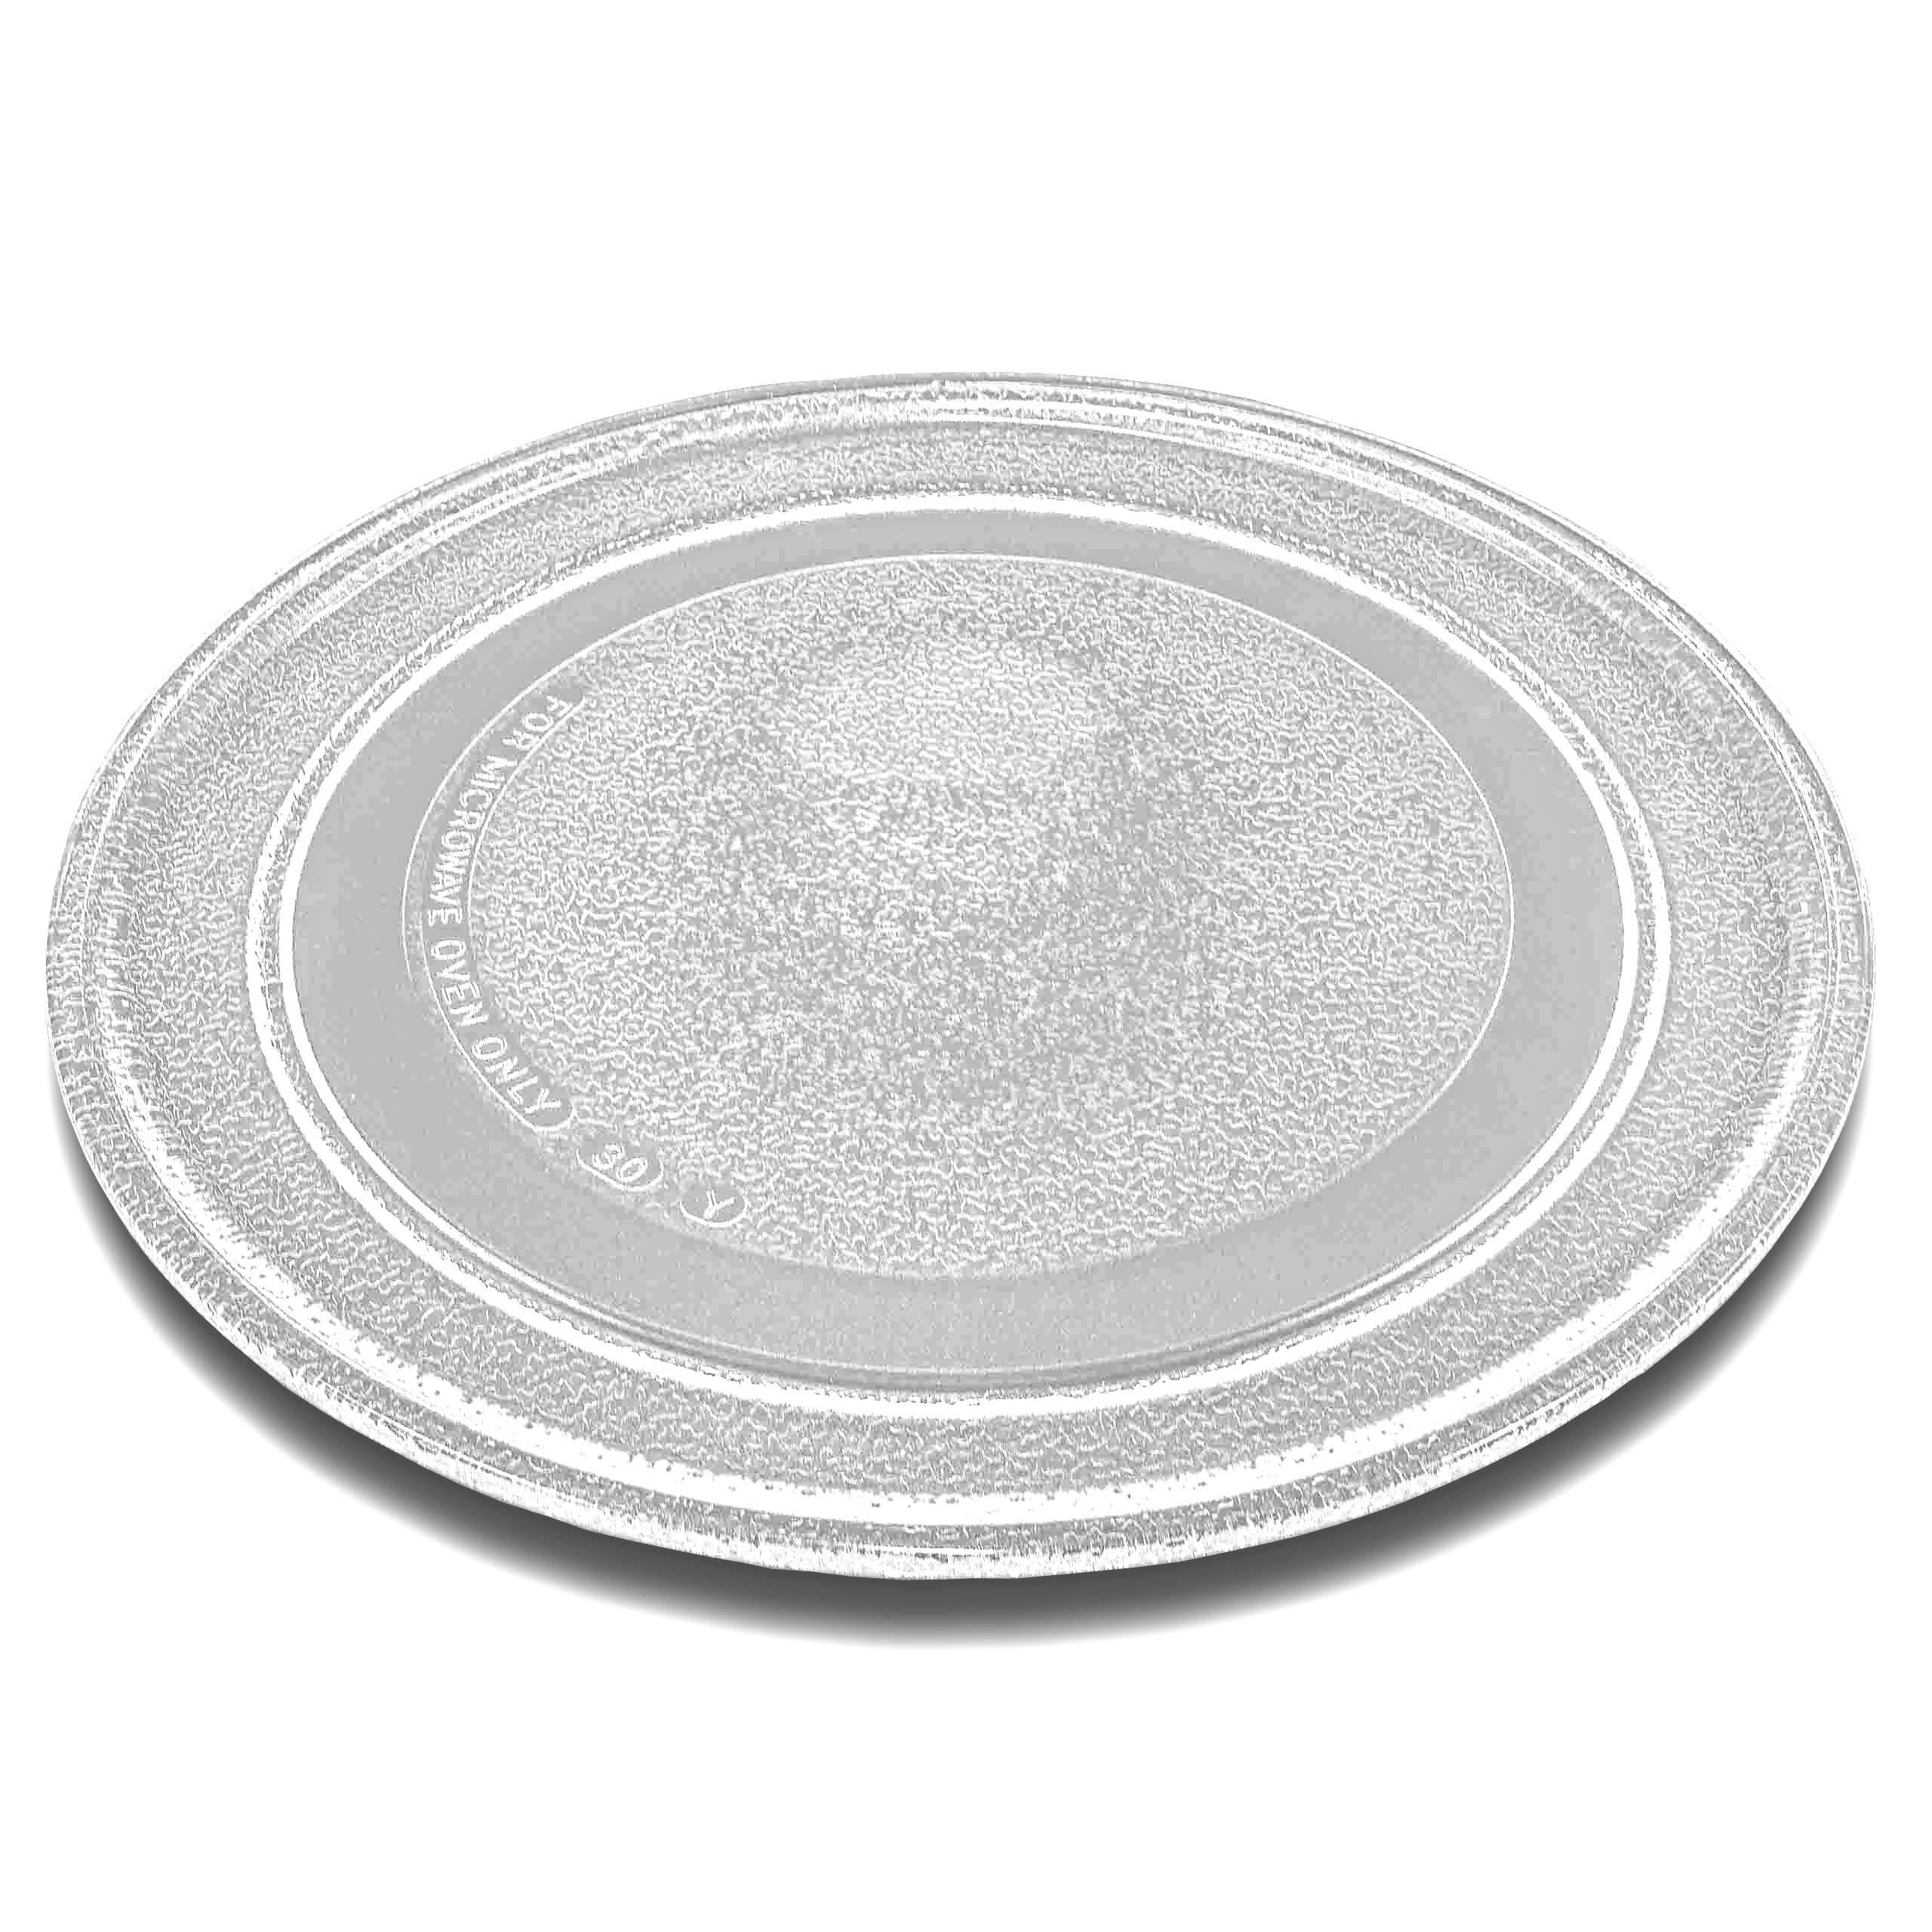 Durchmesser 24,5 cm MS192WG MS202 MS... LG Drehteller aus Glas für Mikrowellen